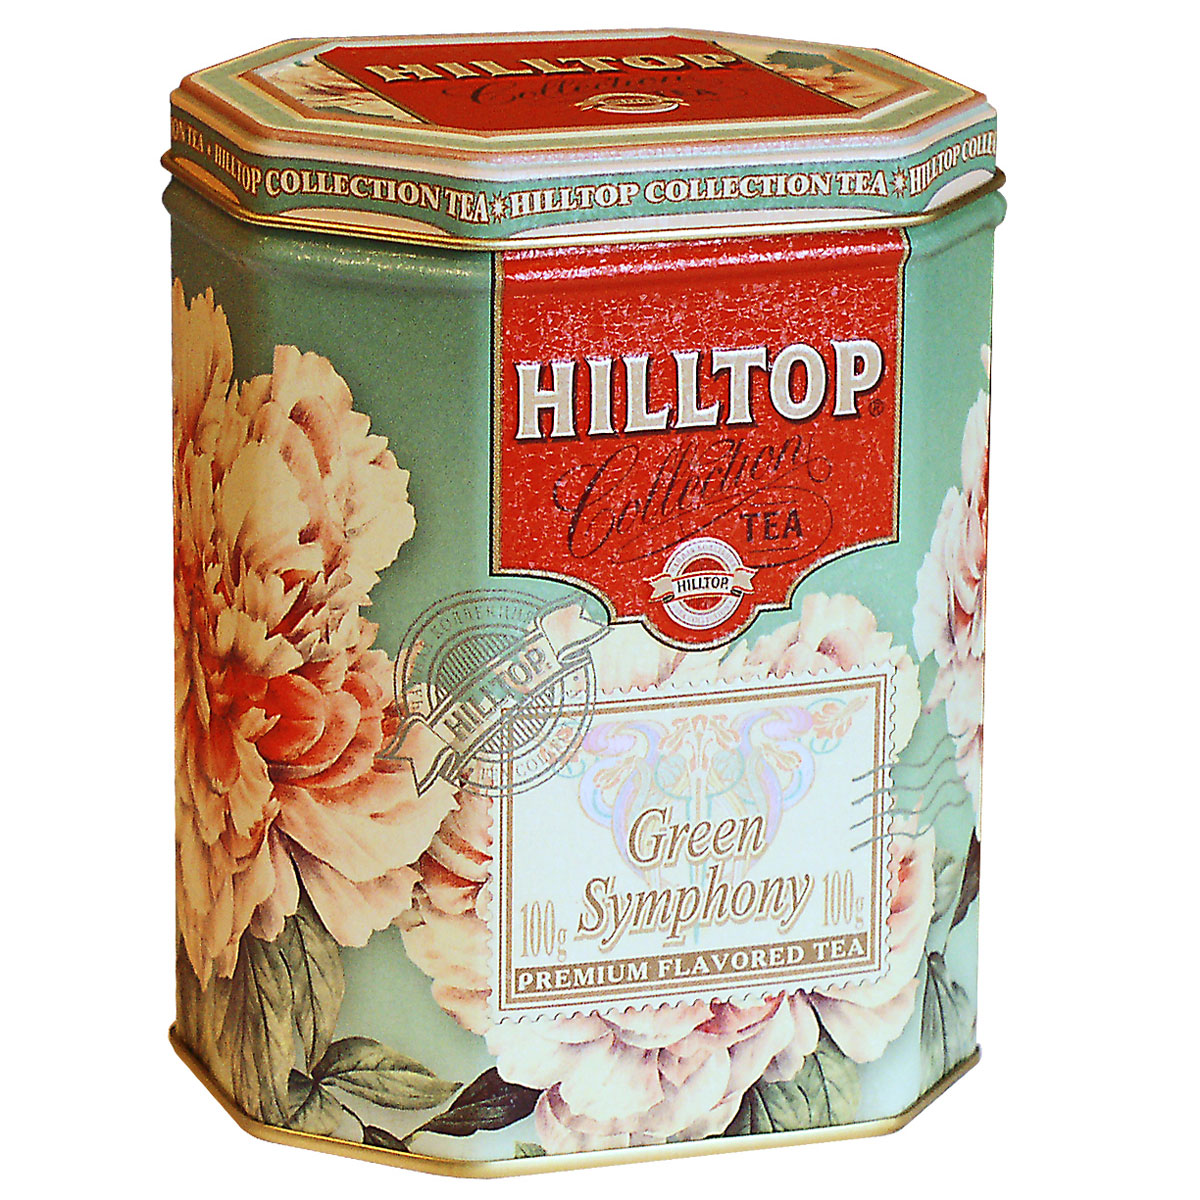 Hilltop Зеленая симфония зеленый листовой чай, 100 г hilltop зеленая симфония зеленый листовой чай 100 г